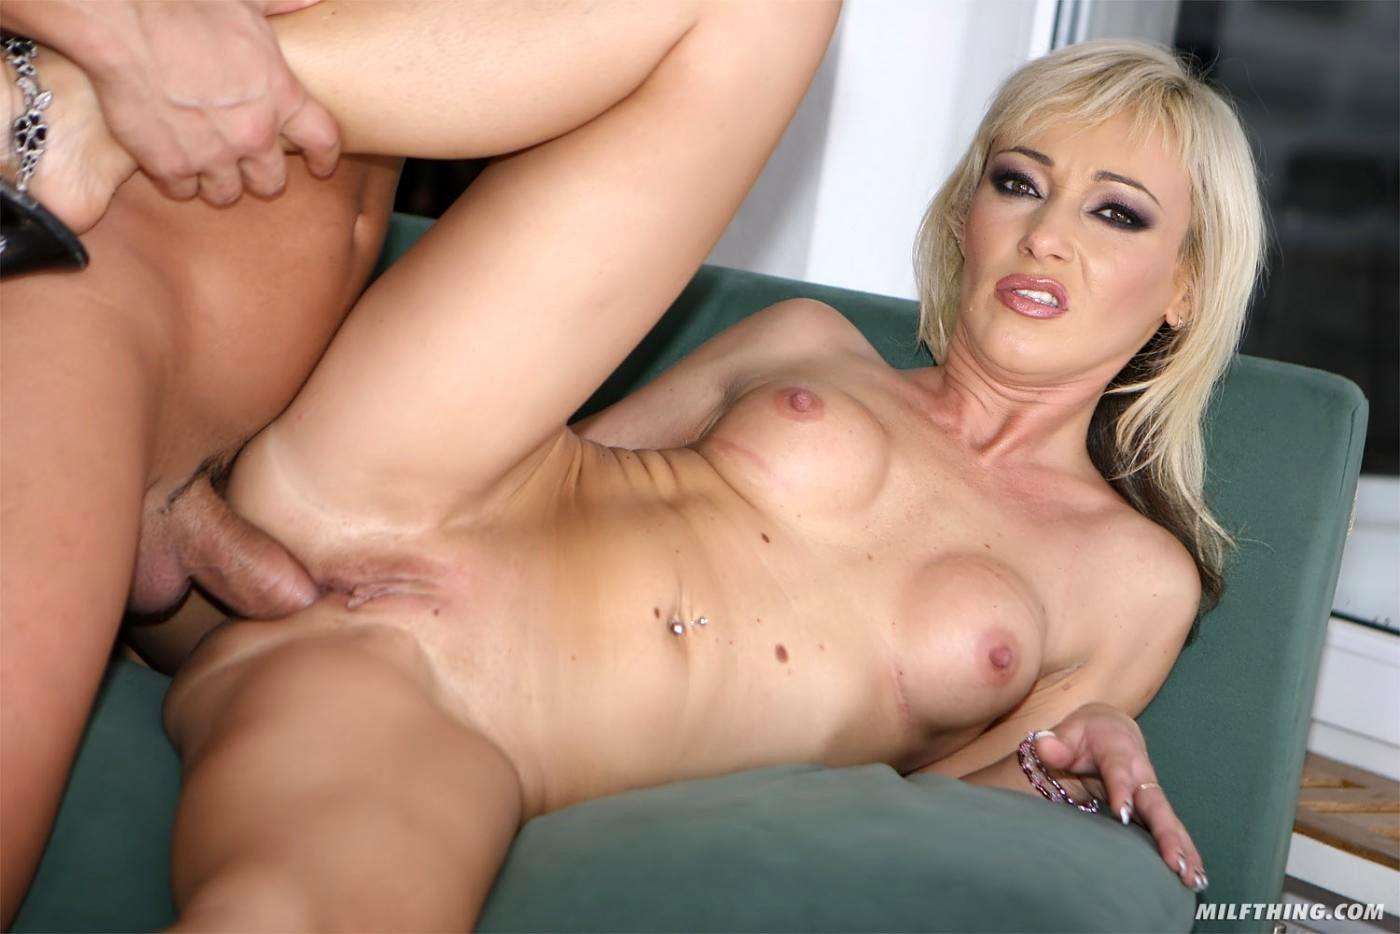 picture porn slut young